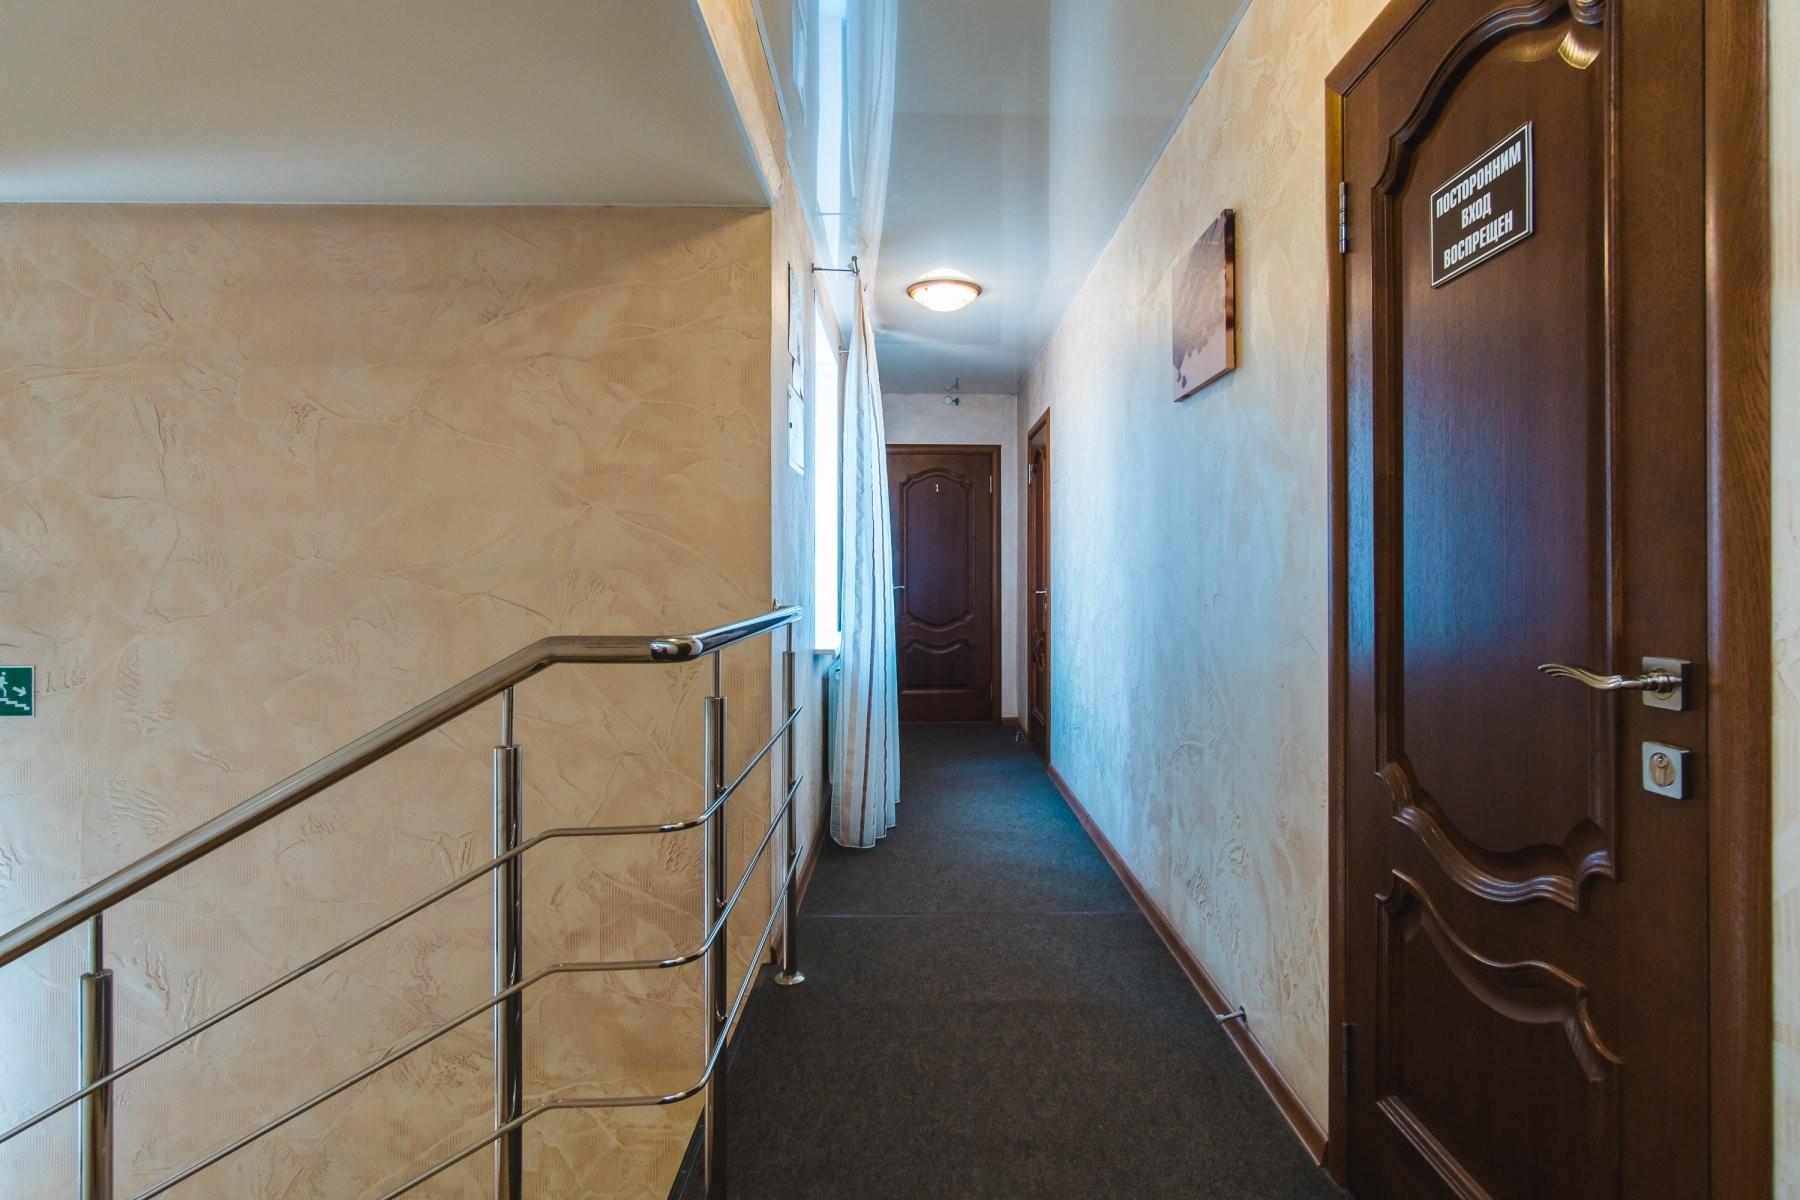 Шоколад, гостиничный комплекс - №29